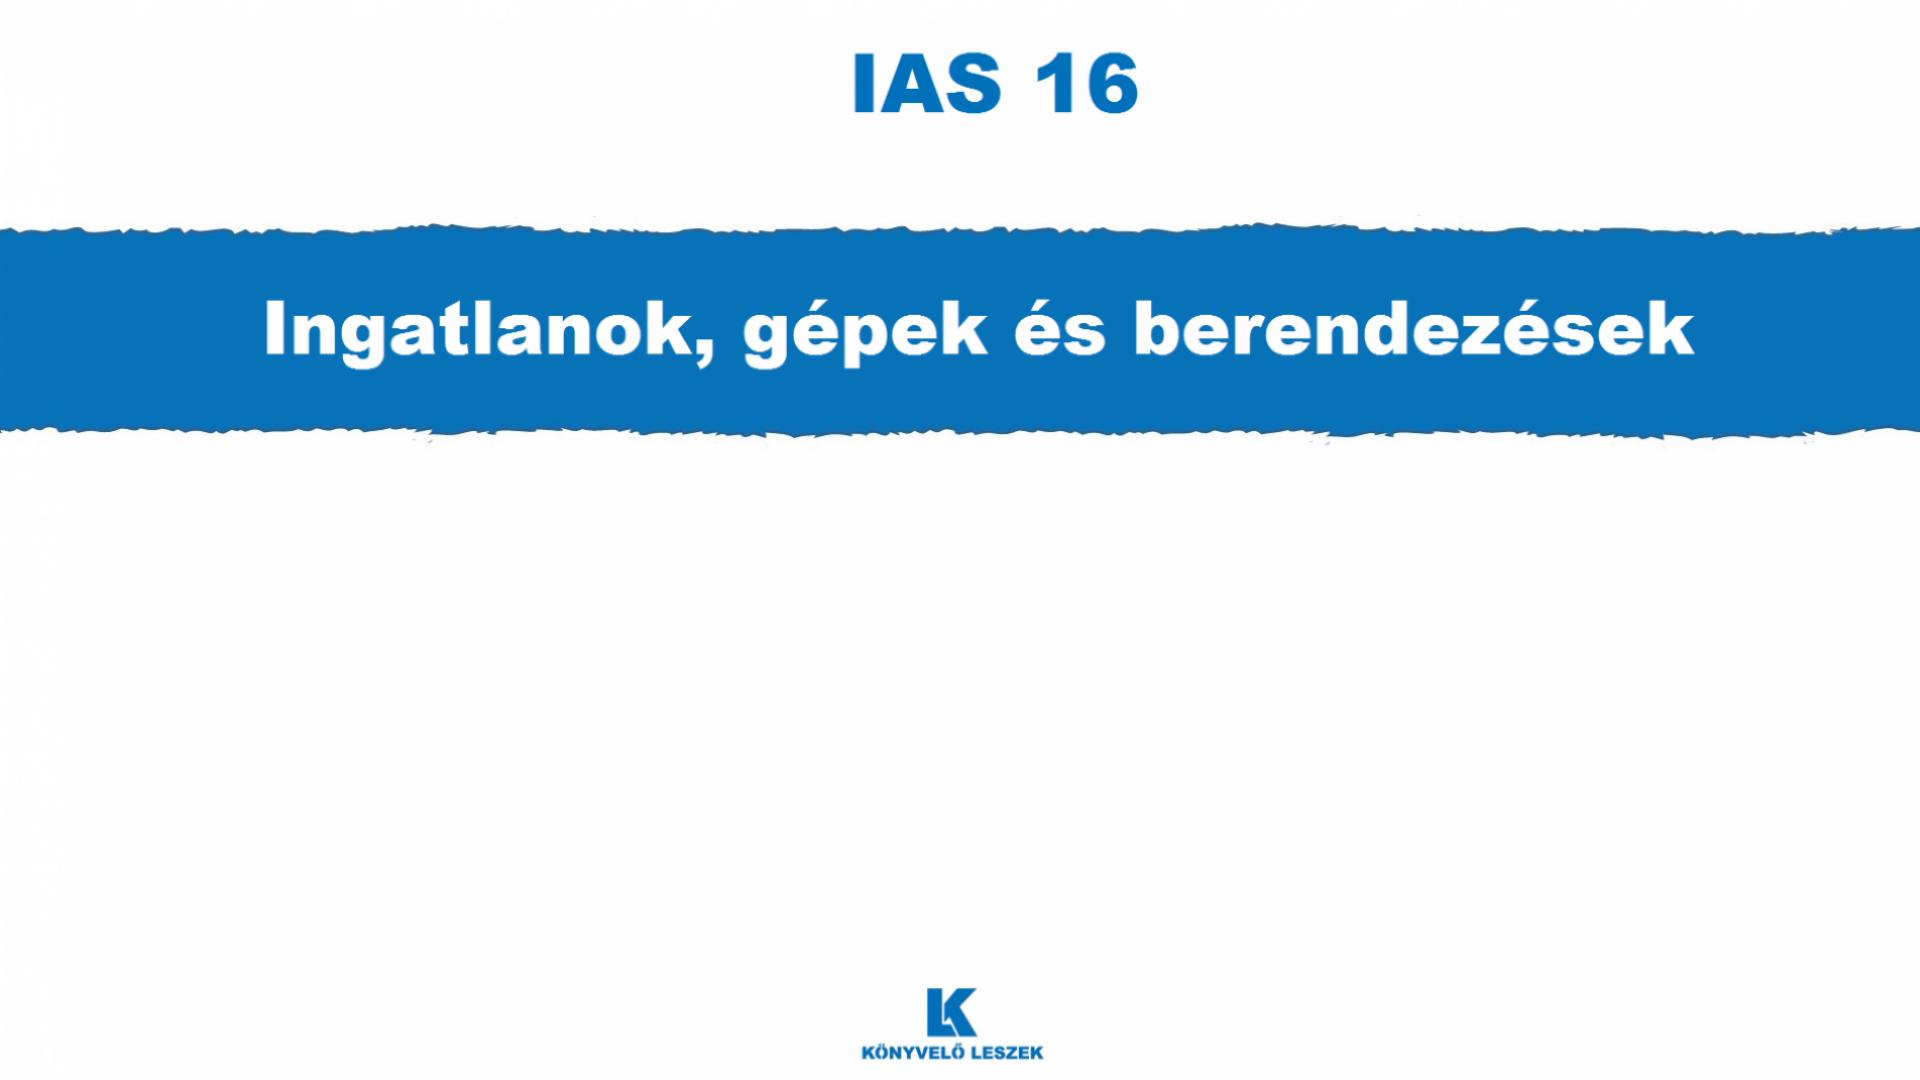 IAS 16 Ingatlanok, gépek és berendezések